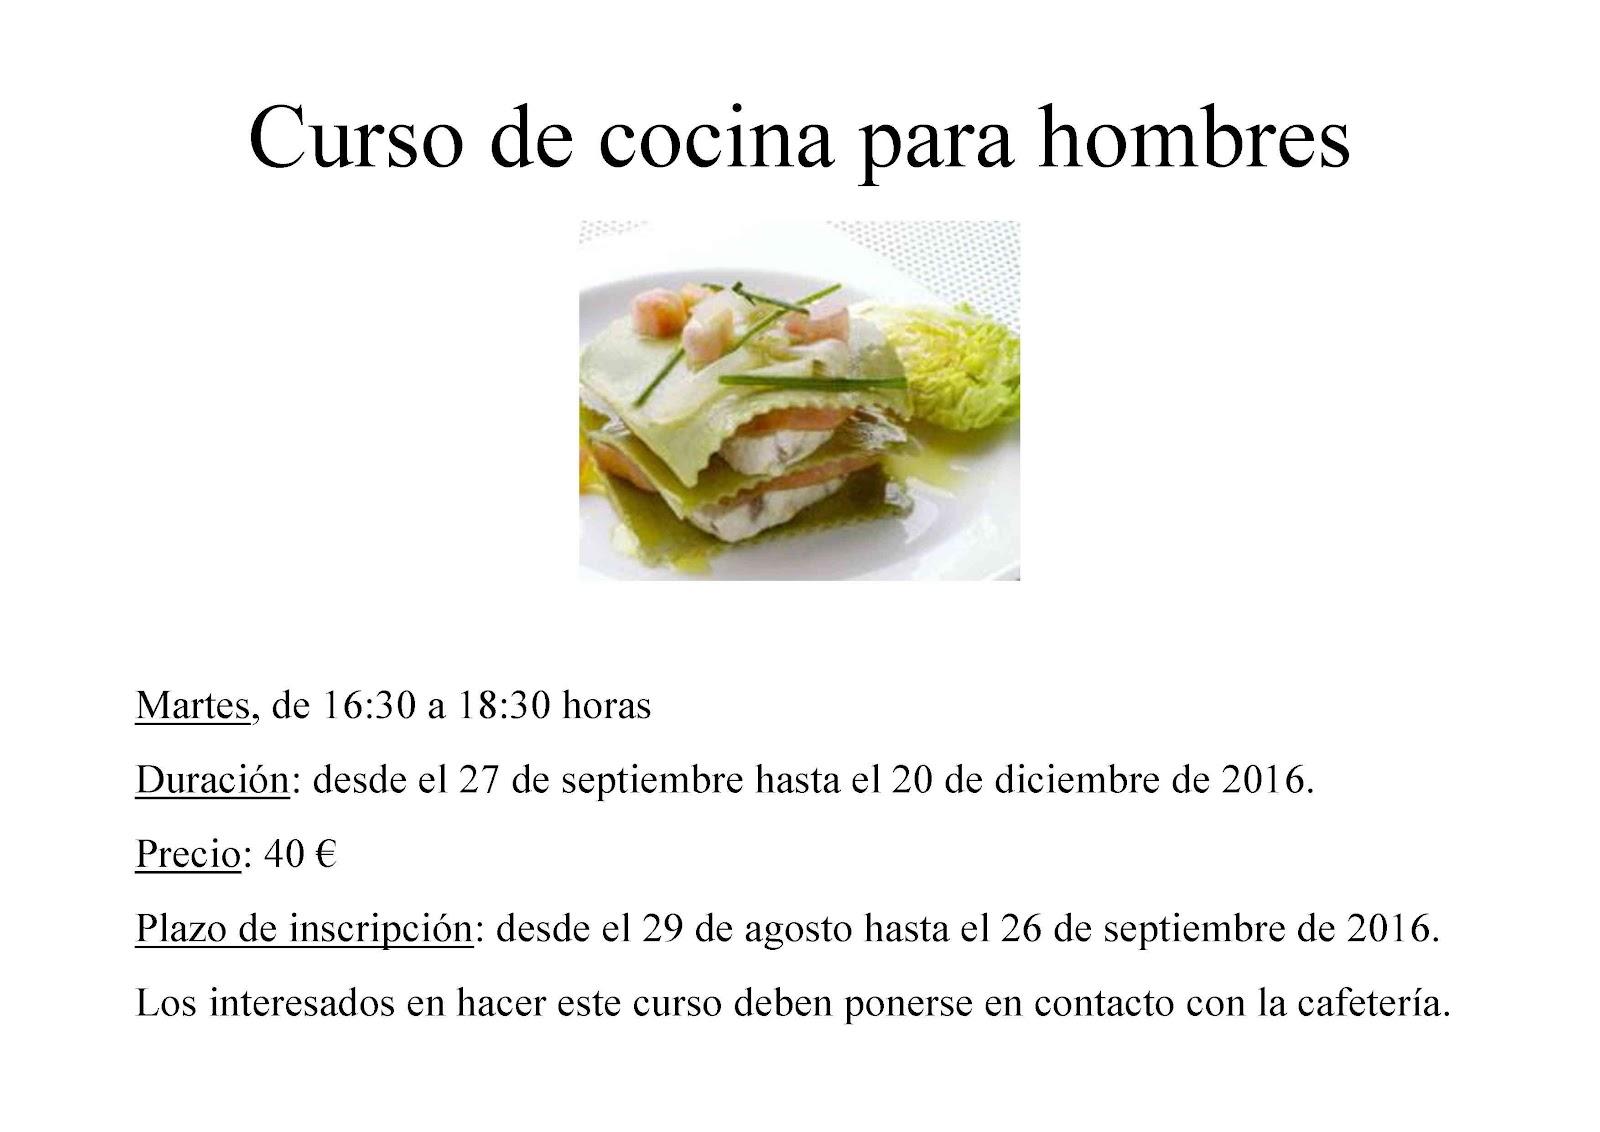 Curso de cocina b sica para hombres en el centro de d a for Curso de cocina basica pdf